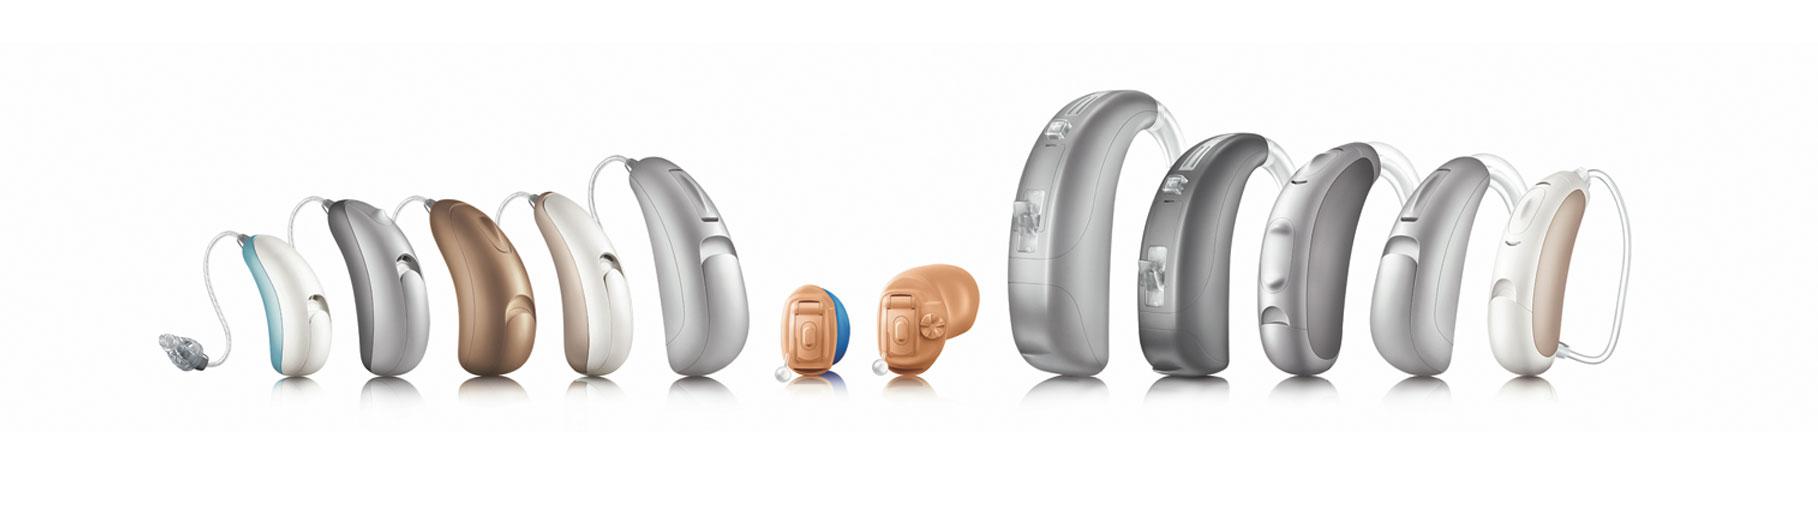 Hearing-aids-2.jpg